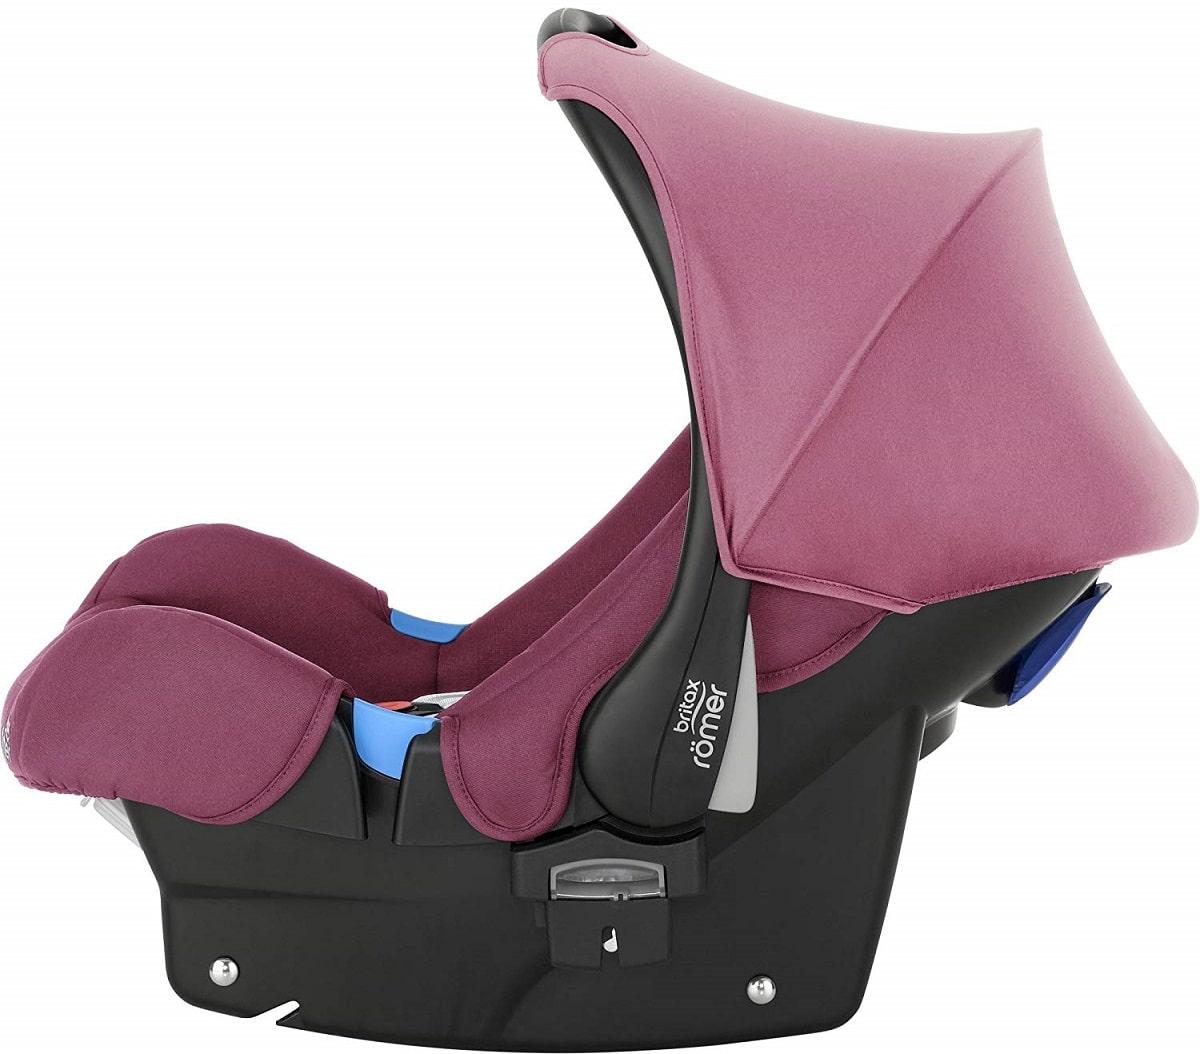 Las sillas de coche Britax Römer se llevan fabricando desde 1966